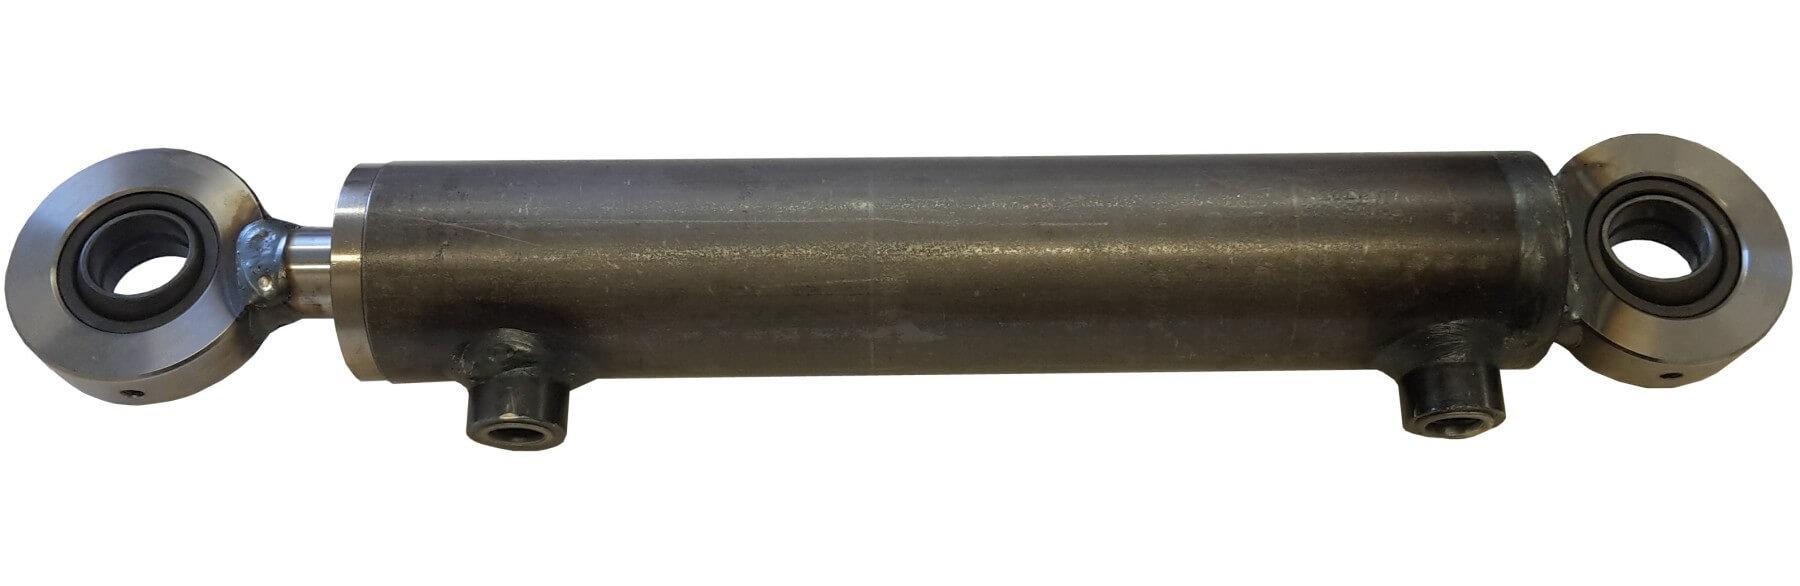 Hydraulisylinteri CL 50. 25. 200 GE - Kailatec Oy Verkkokauppa